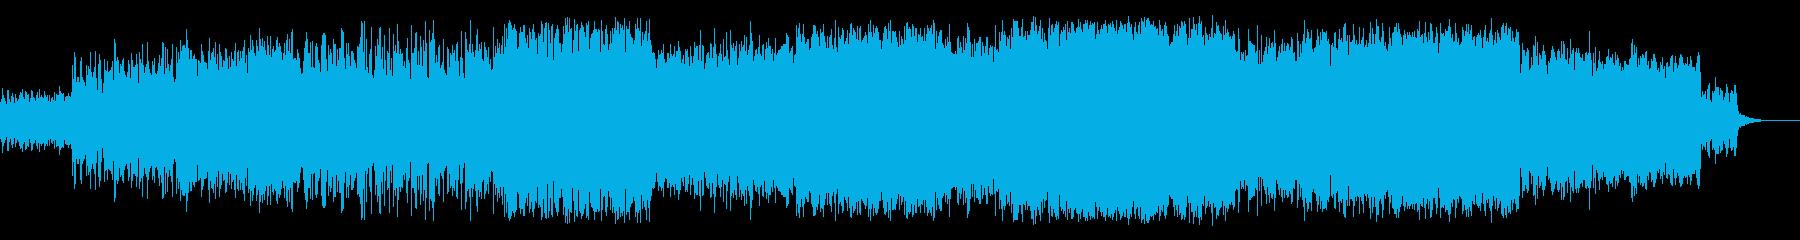 管弦楽風の盛り上がりのある曲です。の再生済みの波形